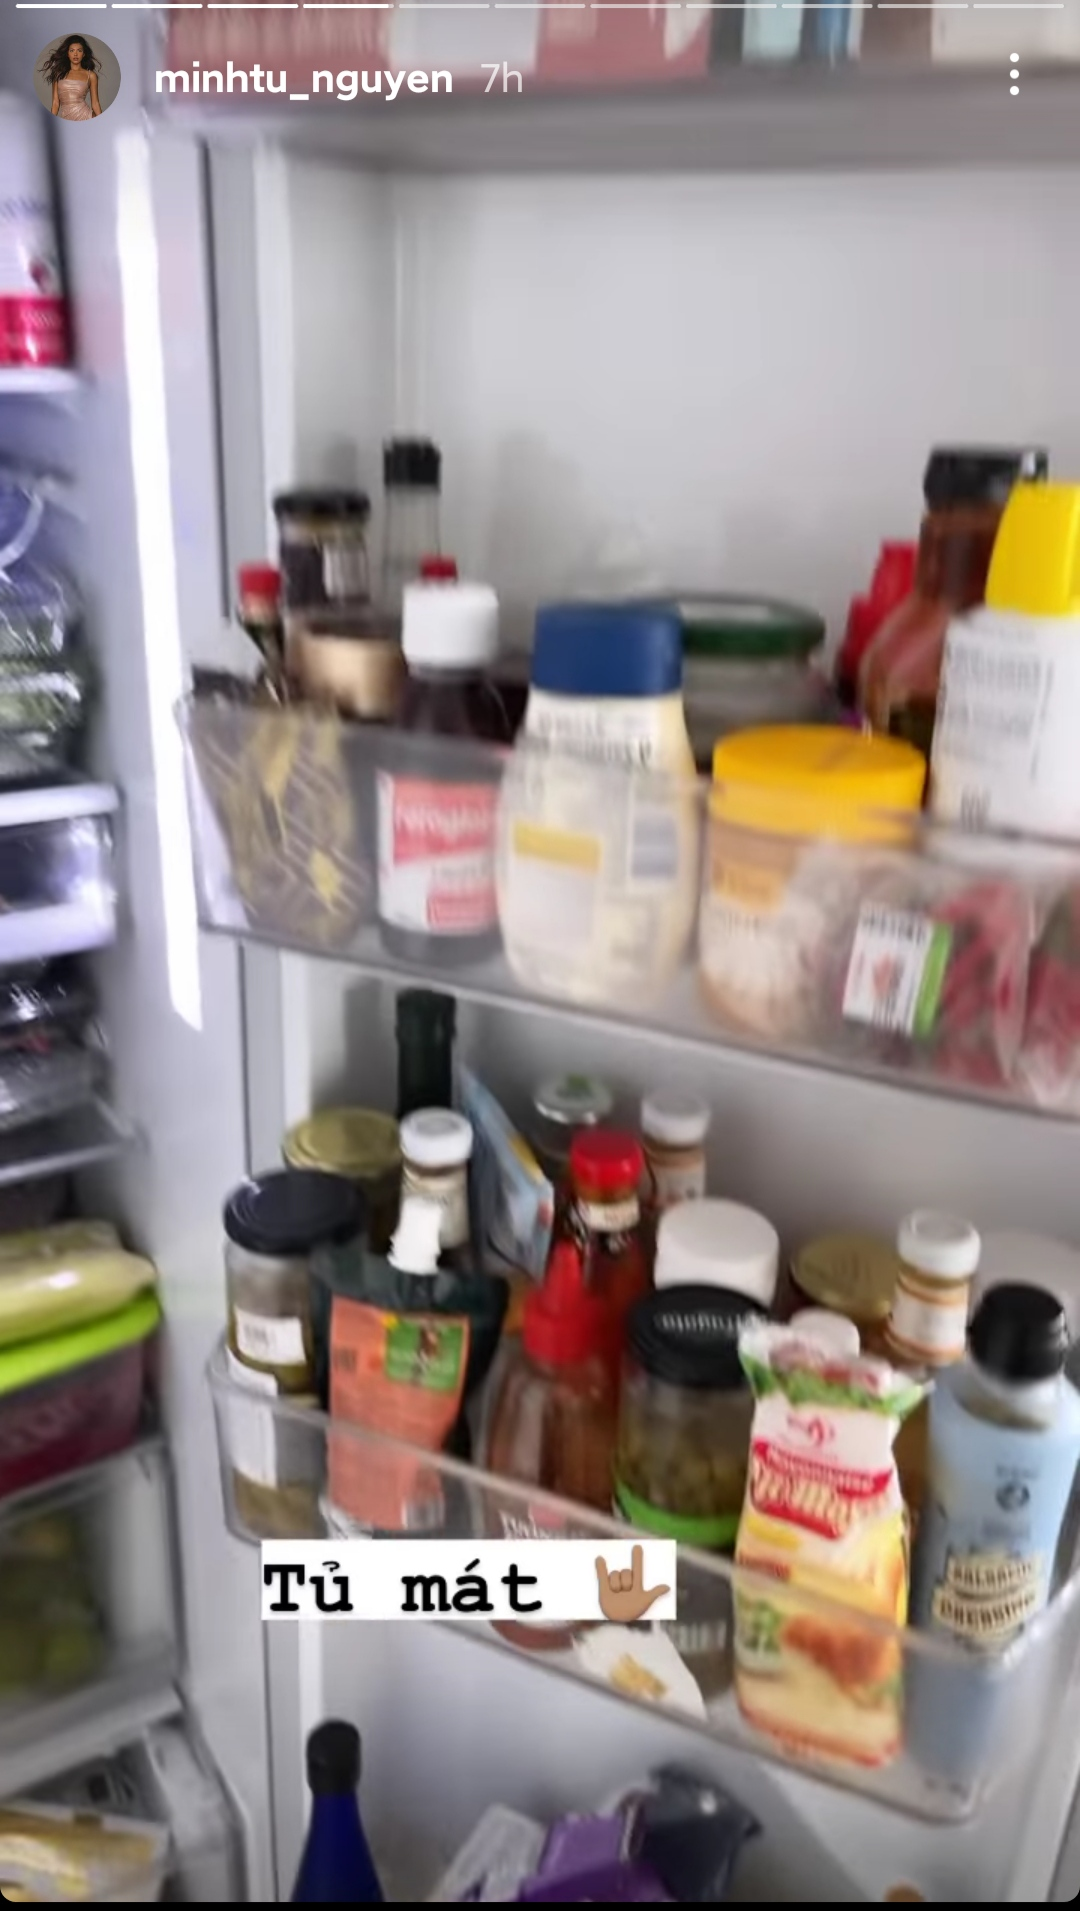 tủ lạnh của Minh Tú trong mùa dịch